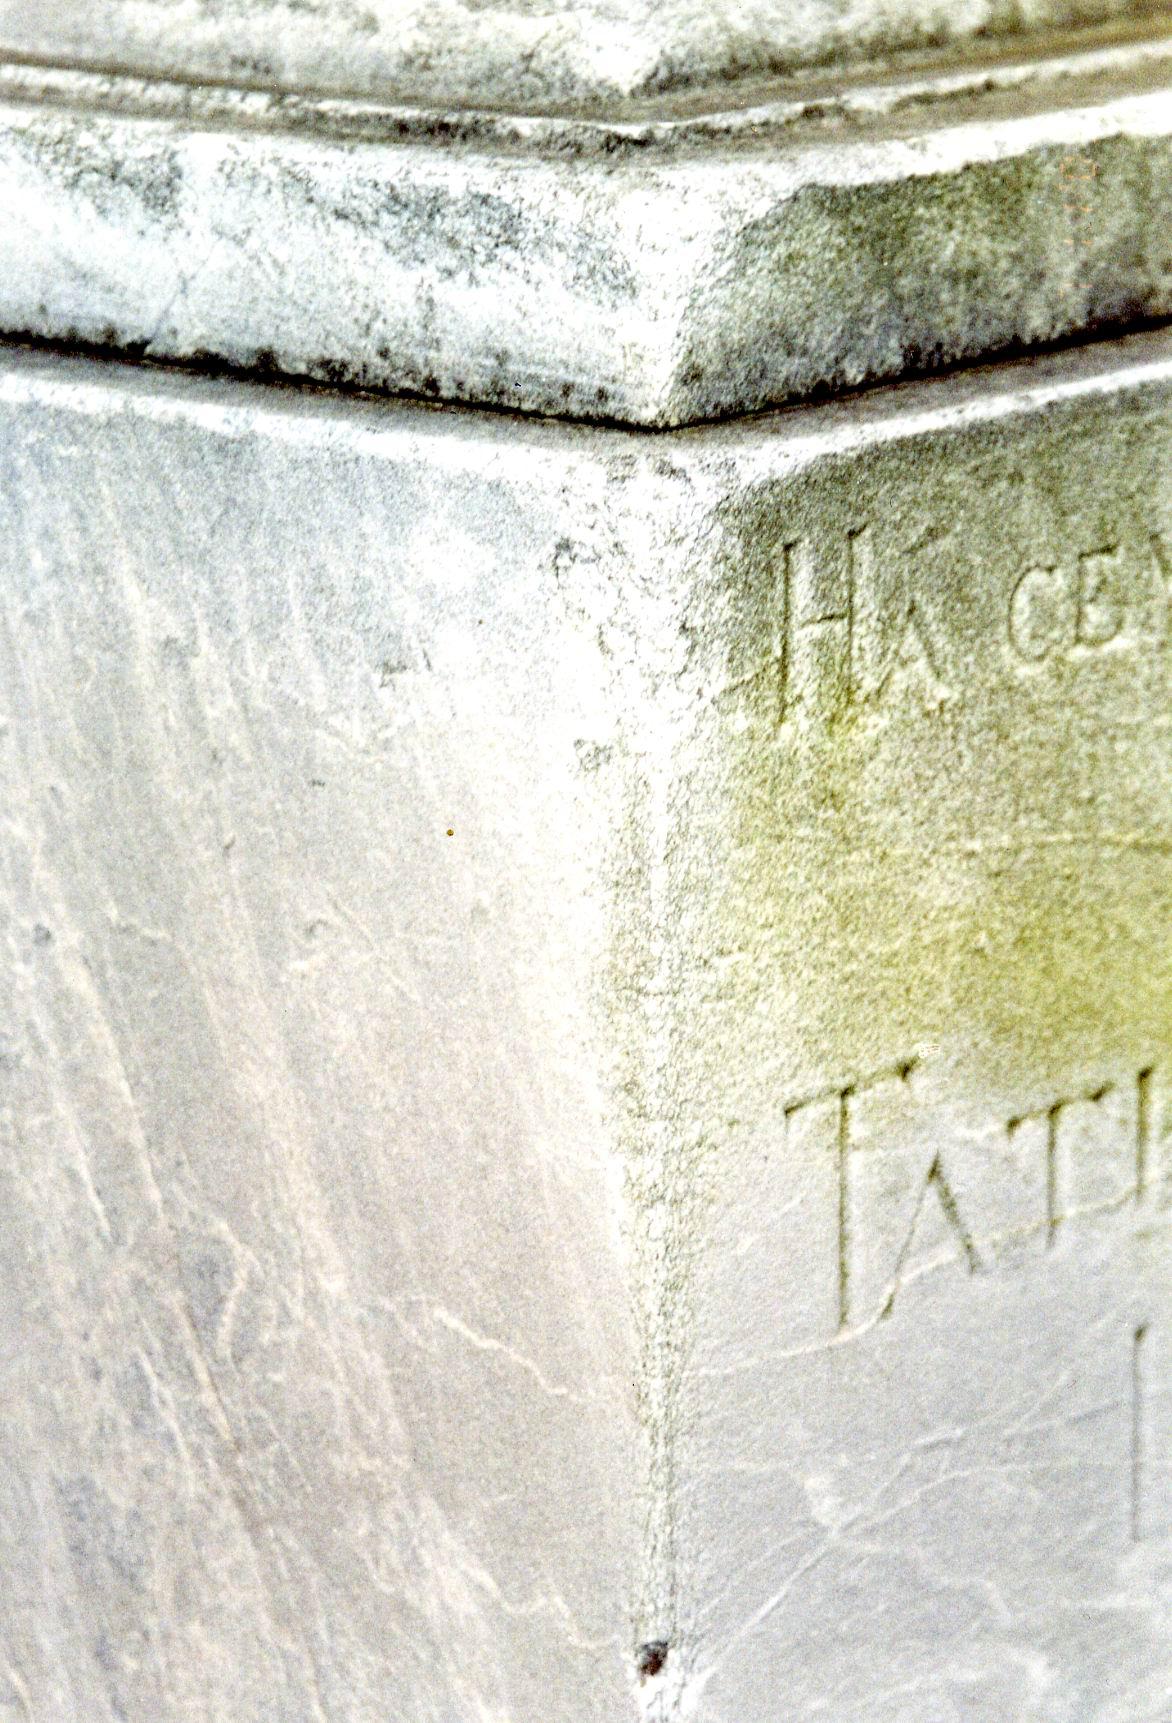 Фрагмент постамента из светло-серого, мелко-, среднезернистого, однородного мрамора. Южная сторона. Видно огрубление поверхности из-за выкрашивания, отшелушивание. Фото ноября 2003 г.